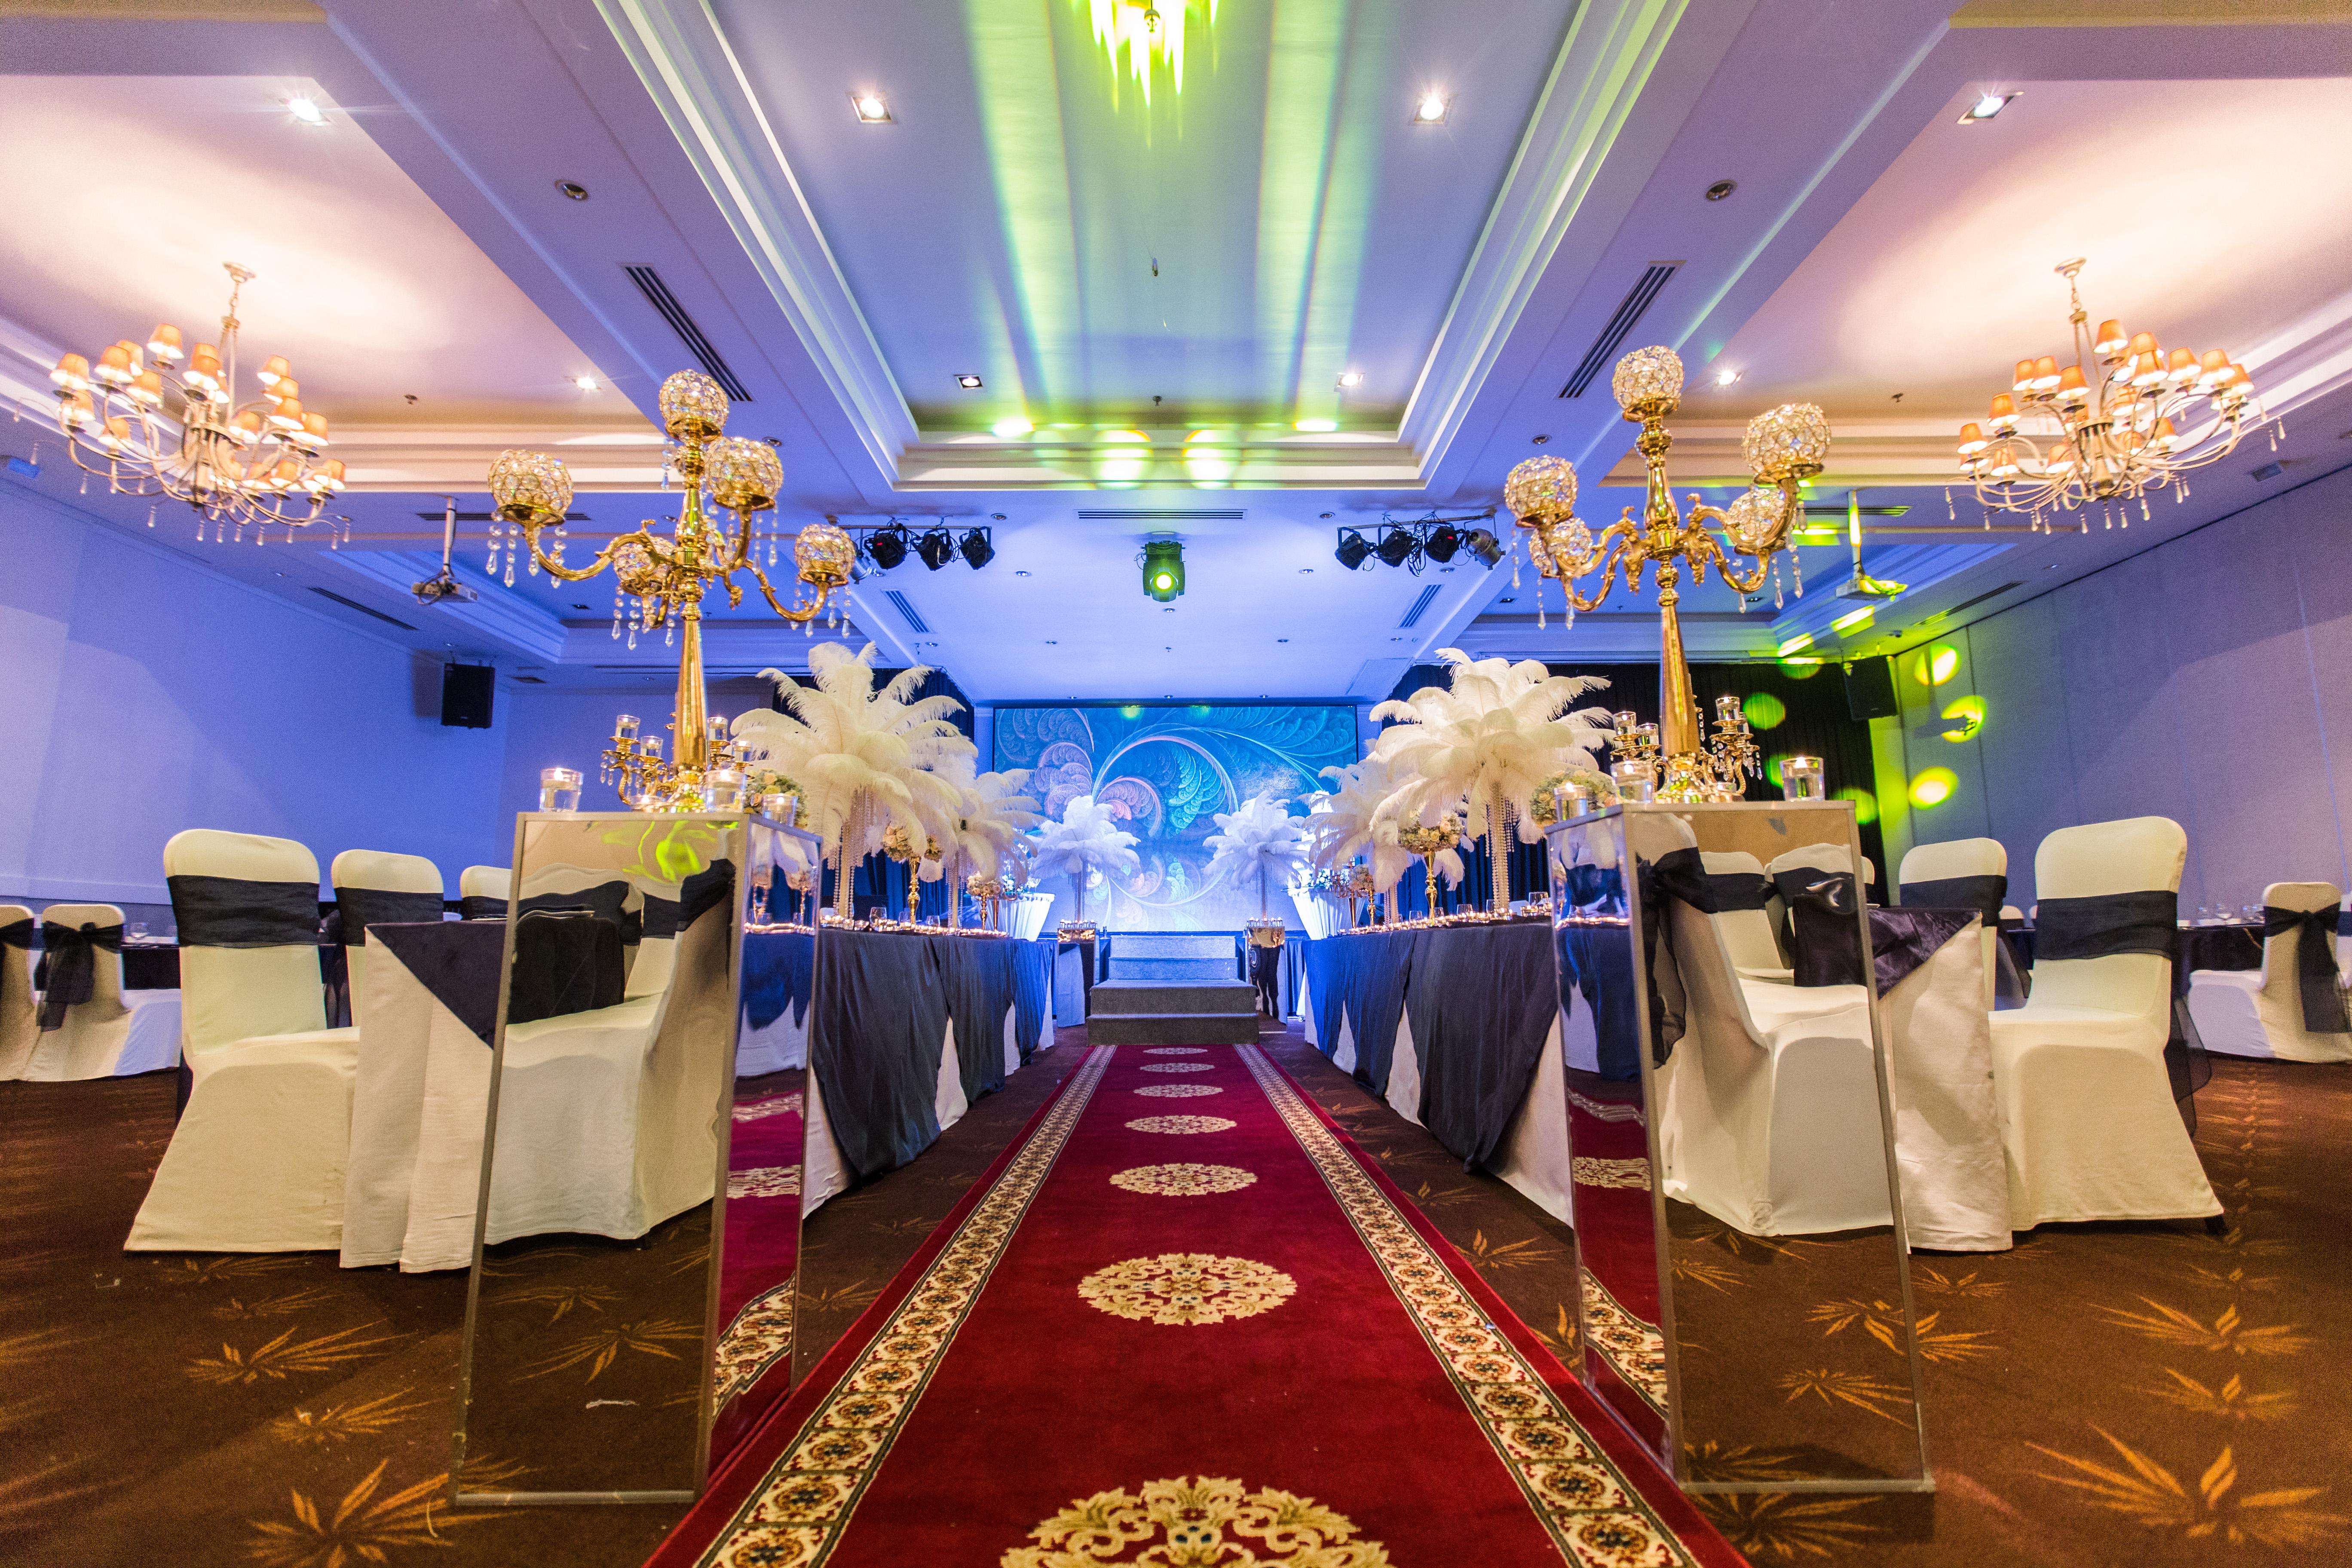 Gợi ý 6 bước lựa chọn nhà hàng tiệc cưới phù hợp cho các cặp đôi